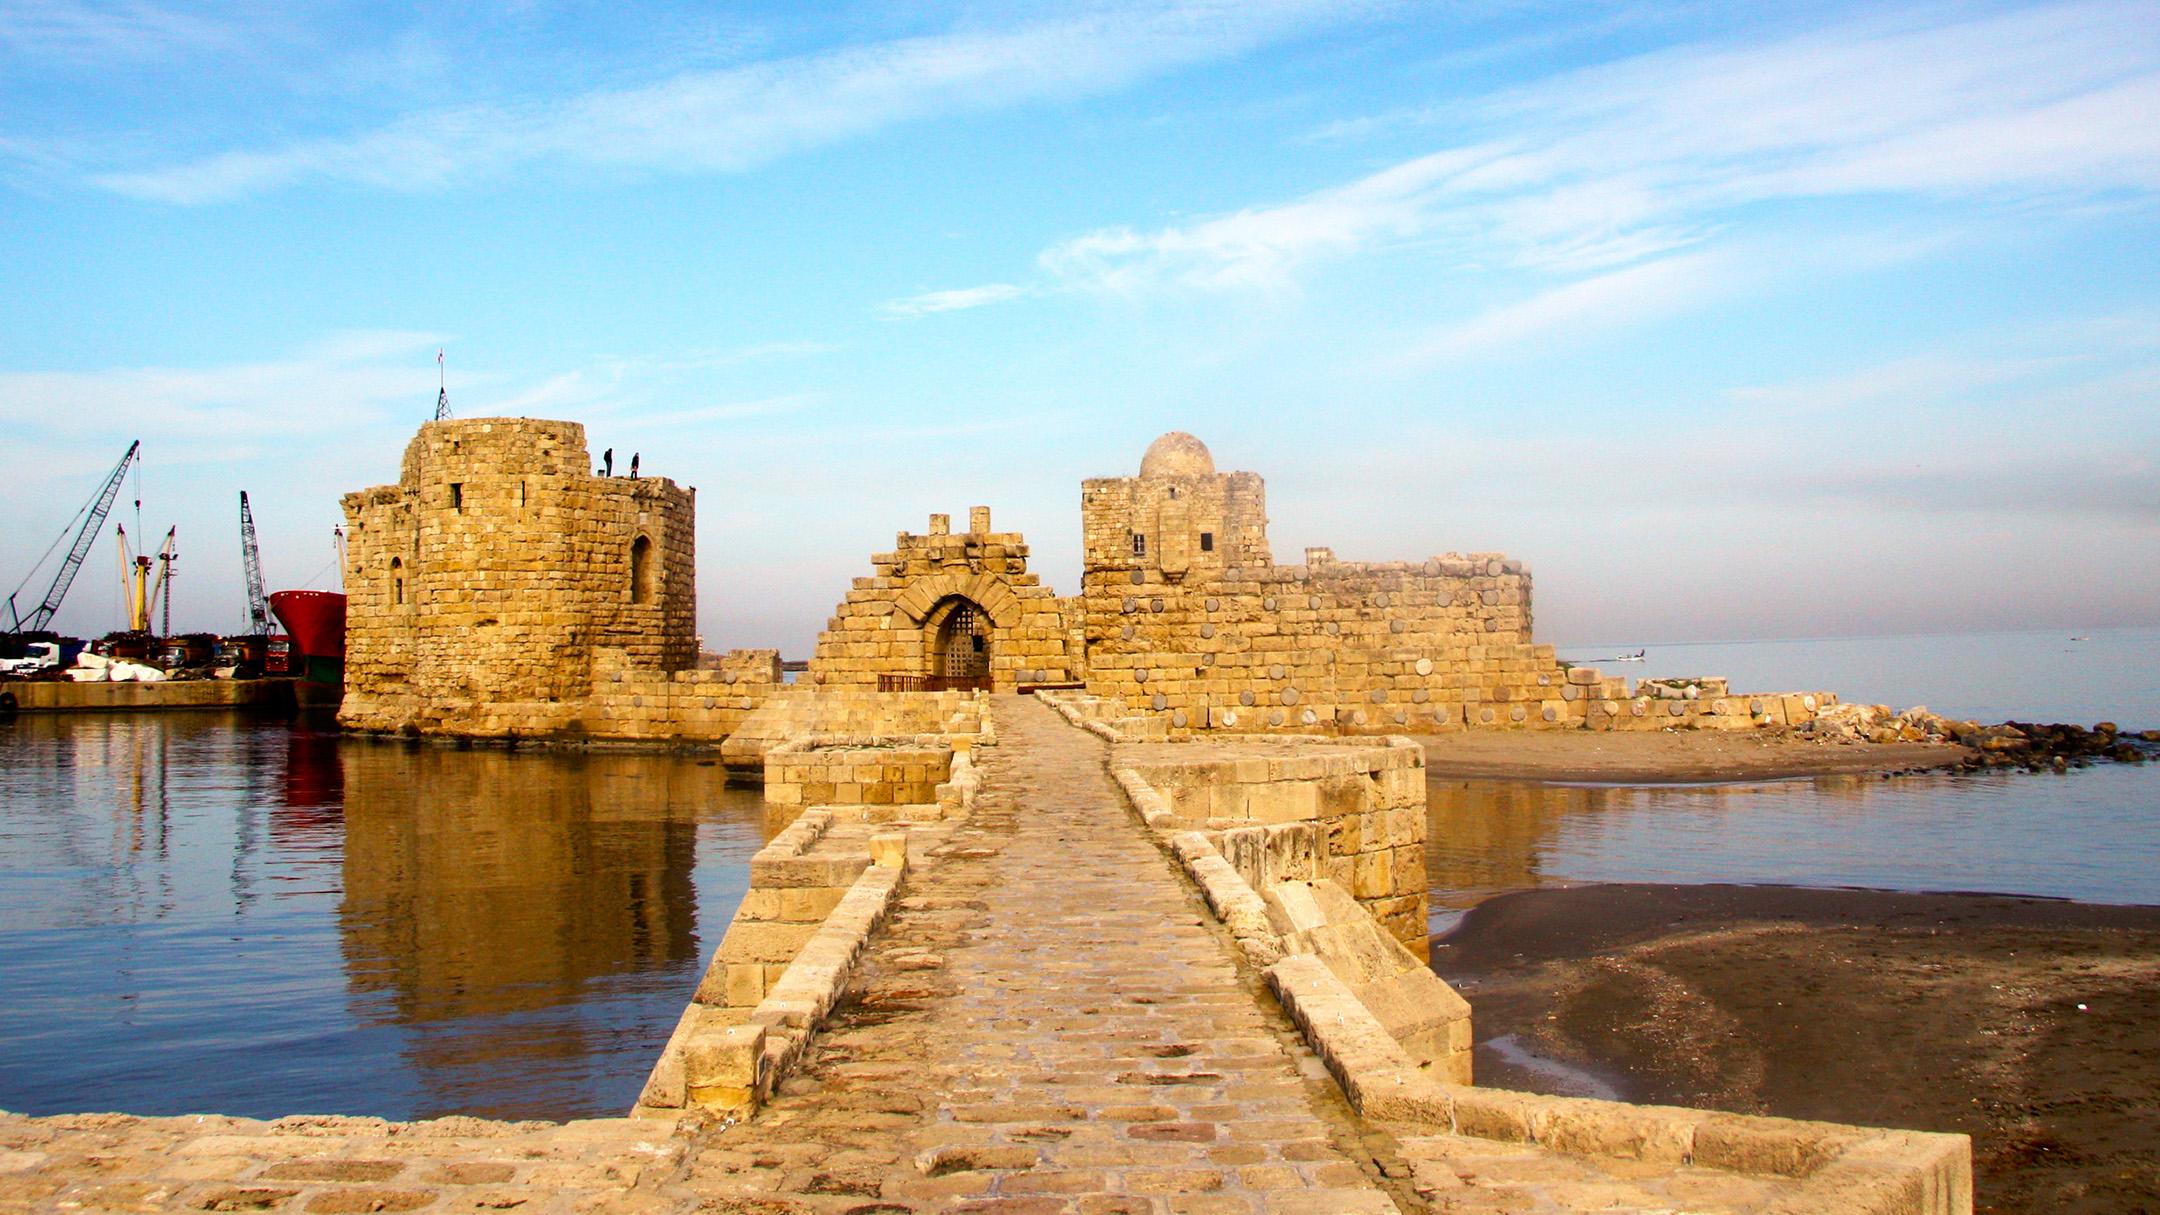 Sea castle Saida (Sidon), Lebanon